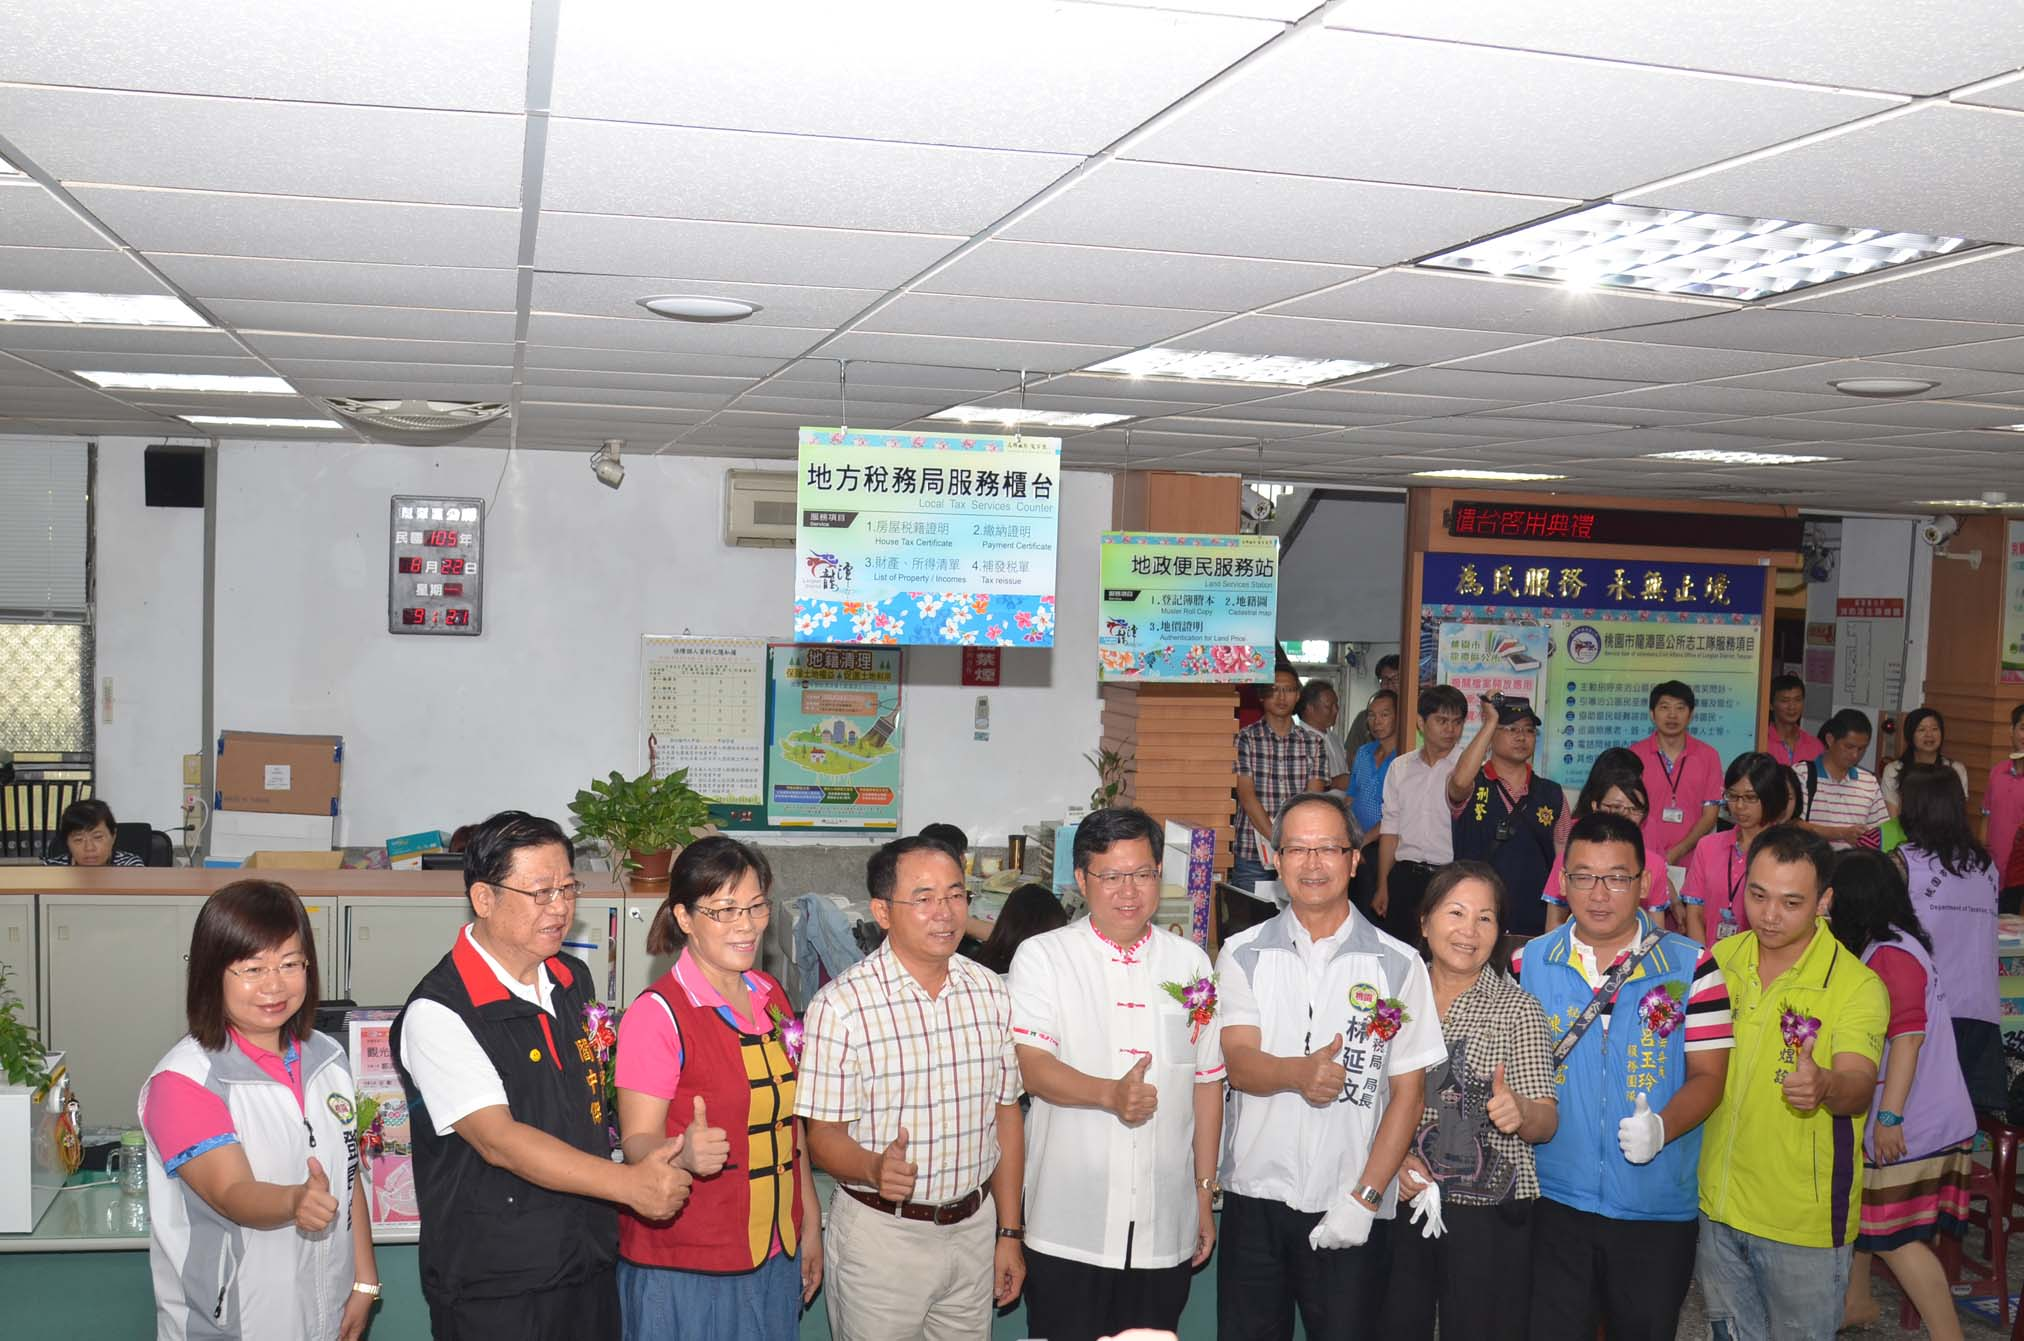 龍潭區公所啟動稅務駐點服務